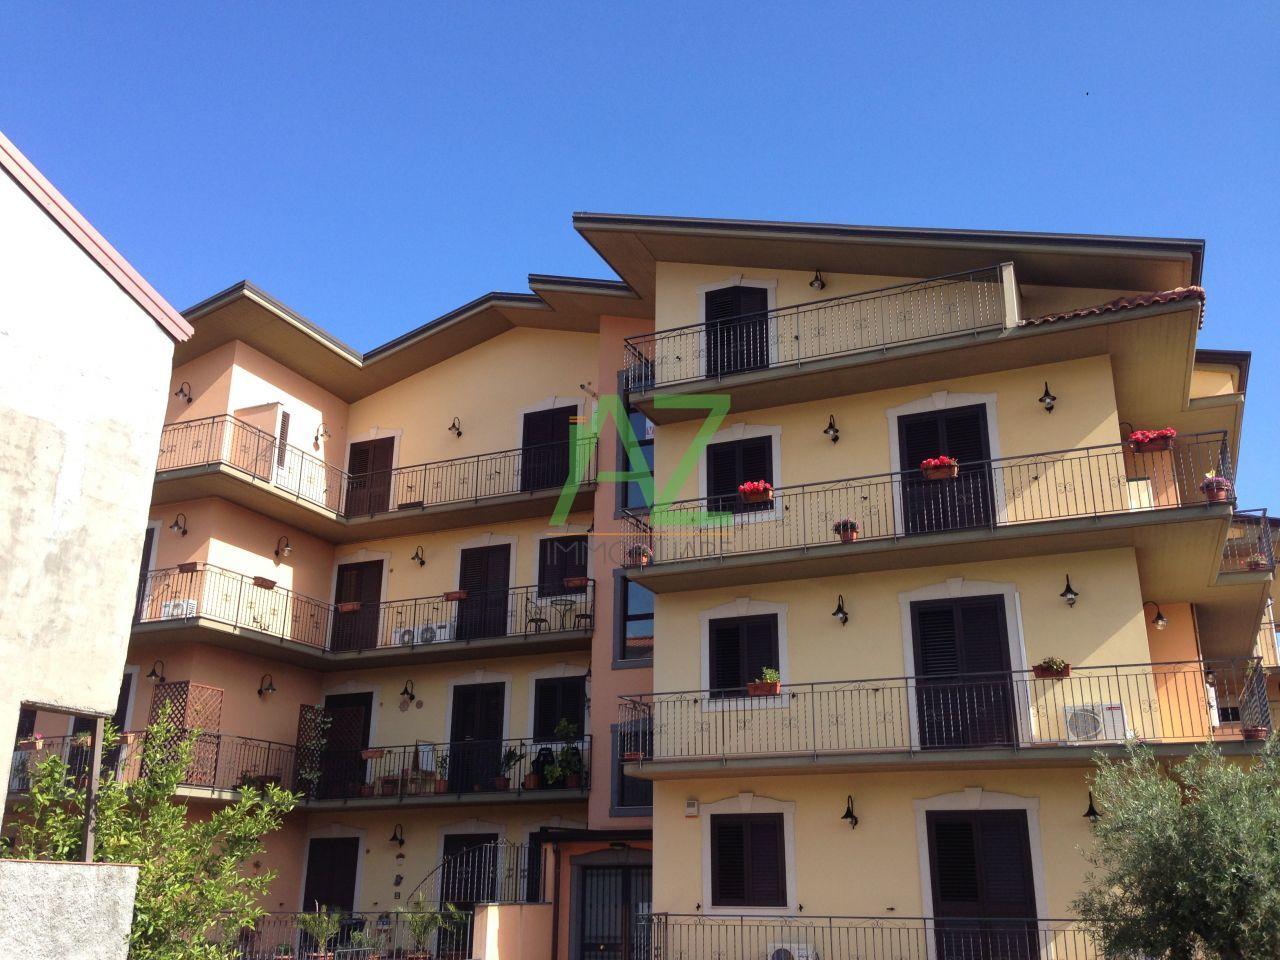 Attico / Mansarda in vendita a Belpasso, 2 locali, prezzo € 110.000 | Cambio Casa.it